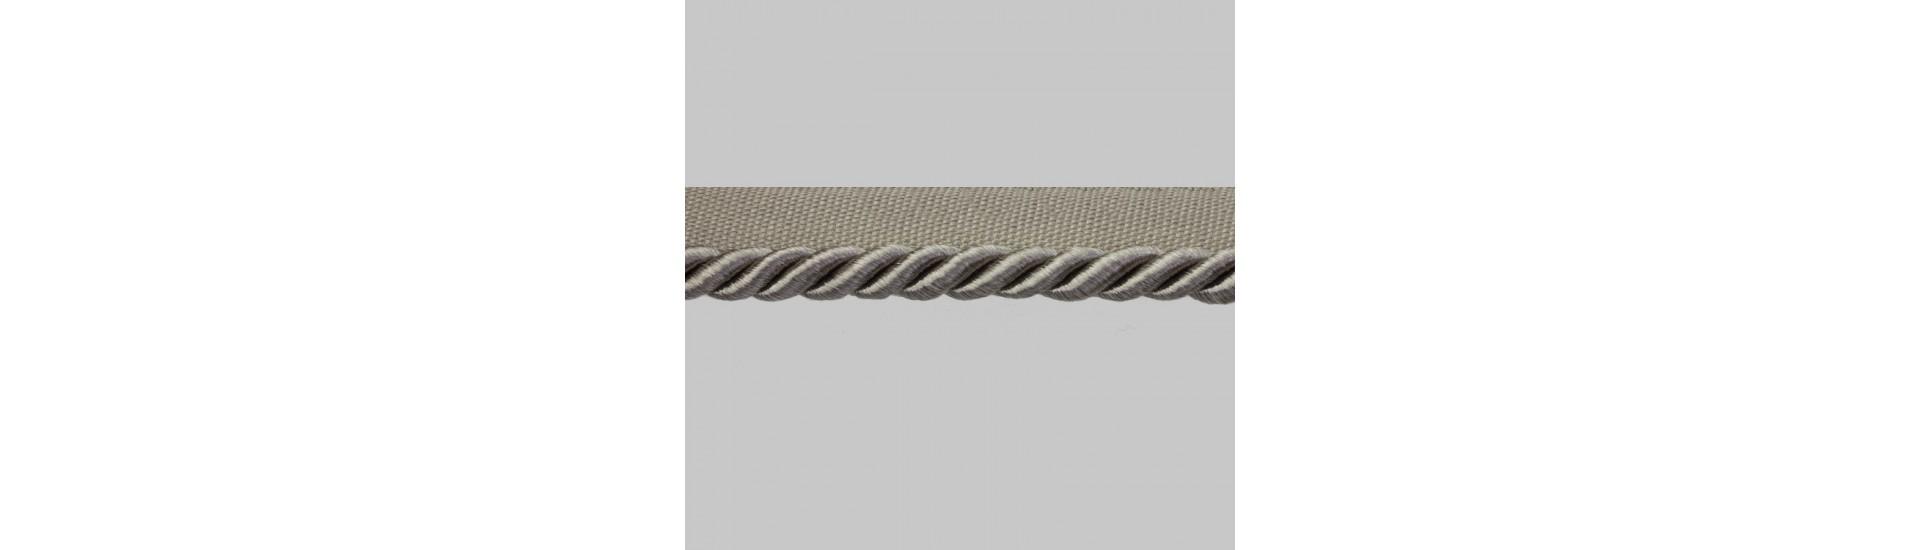 Кант шторный SM-D7-002 (SMD7002)-4166 серый (25 м)